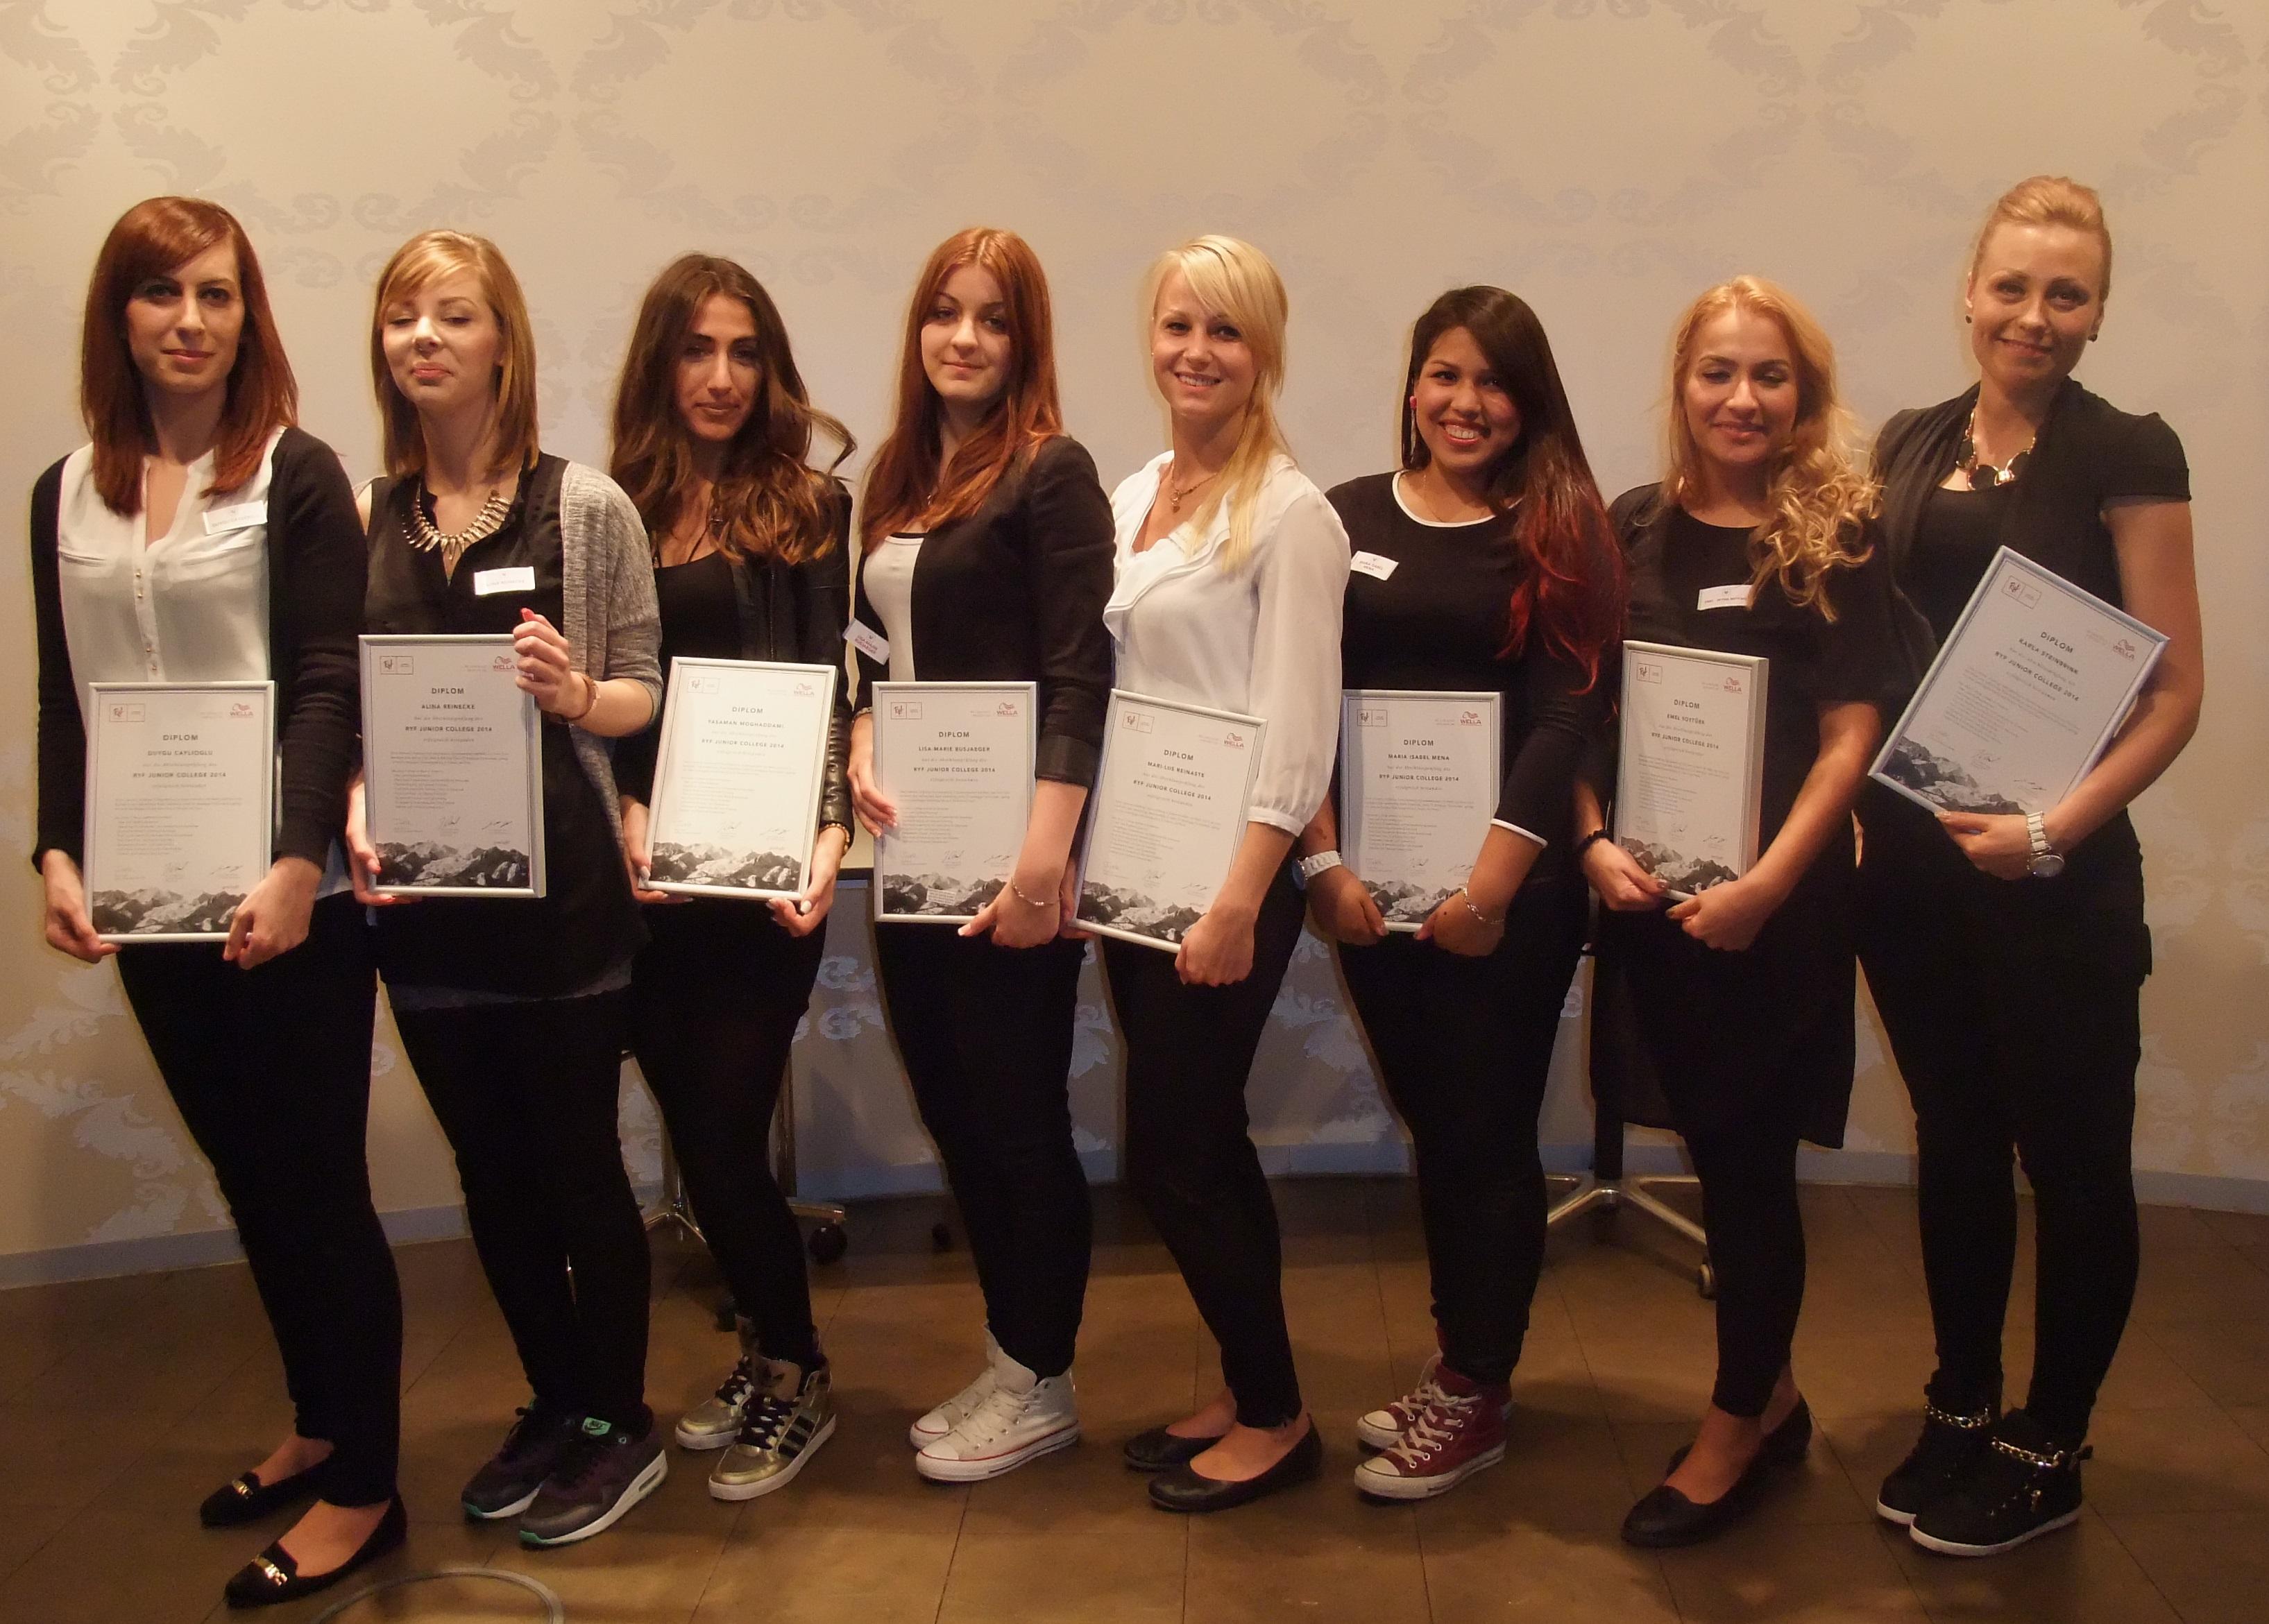 Ausgezeichnet Ryf Ist Bester Ausbildungsbetrieb 2015 Ryf Coiffeur